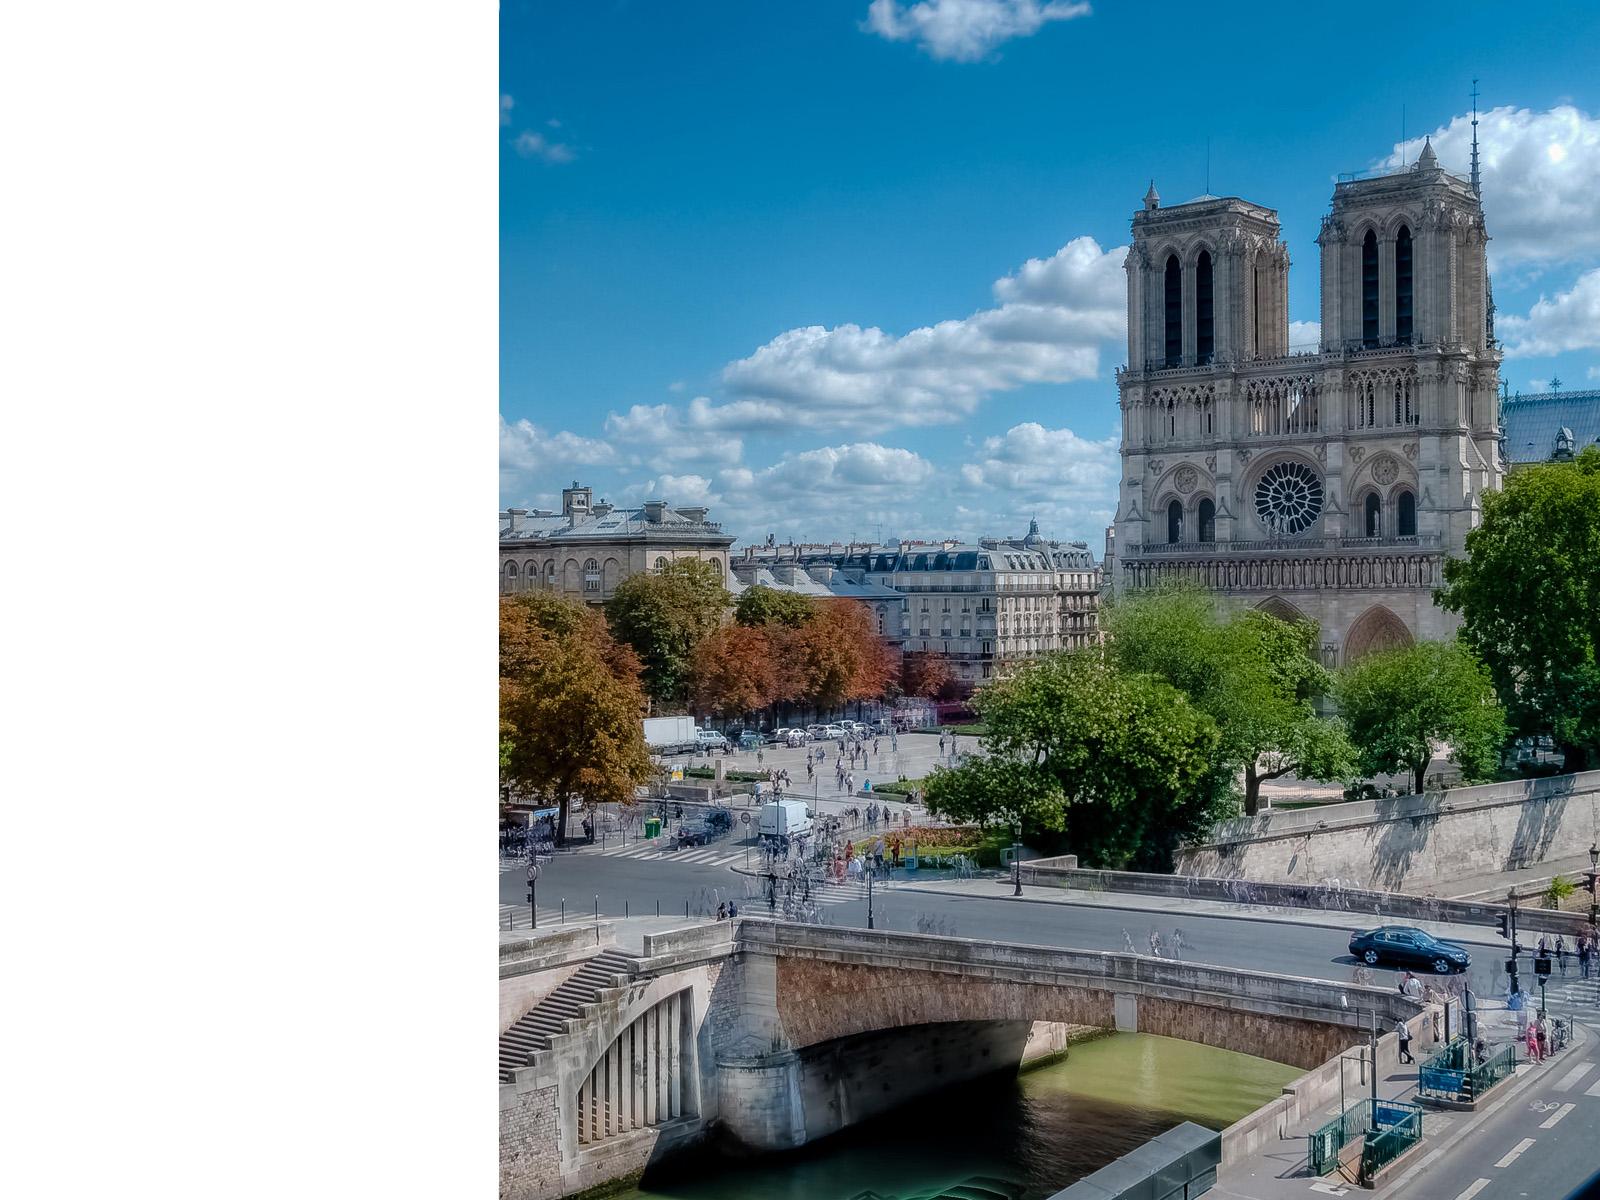 Les Rives de Notre Dame, Париж: u00abНа последнем дыханииu00bb, режиссер Жан-Люк ГодарВспомним классиков: отель Les Rives de Notre Dame на Левом берегу u2014 отличное место для романтиков и любителей окунуться в u00abкино-старинуu00bb. Годар также использовал фасад отеля Hotel de Suede для ключевой сцены с Бельмондо и Джин Сиберг.